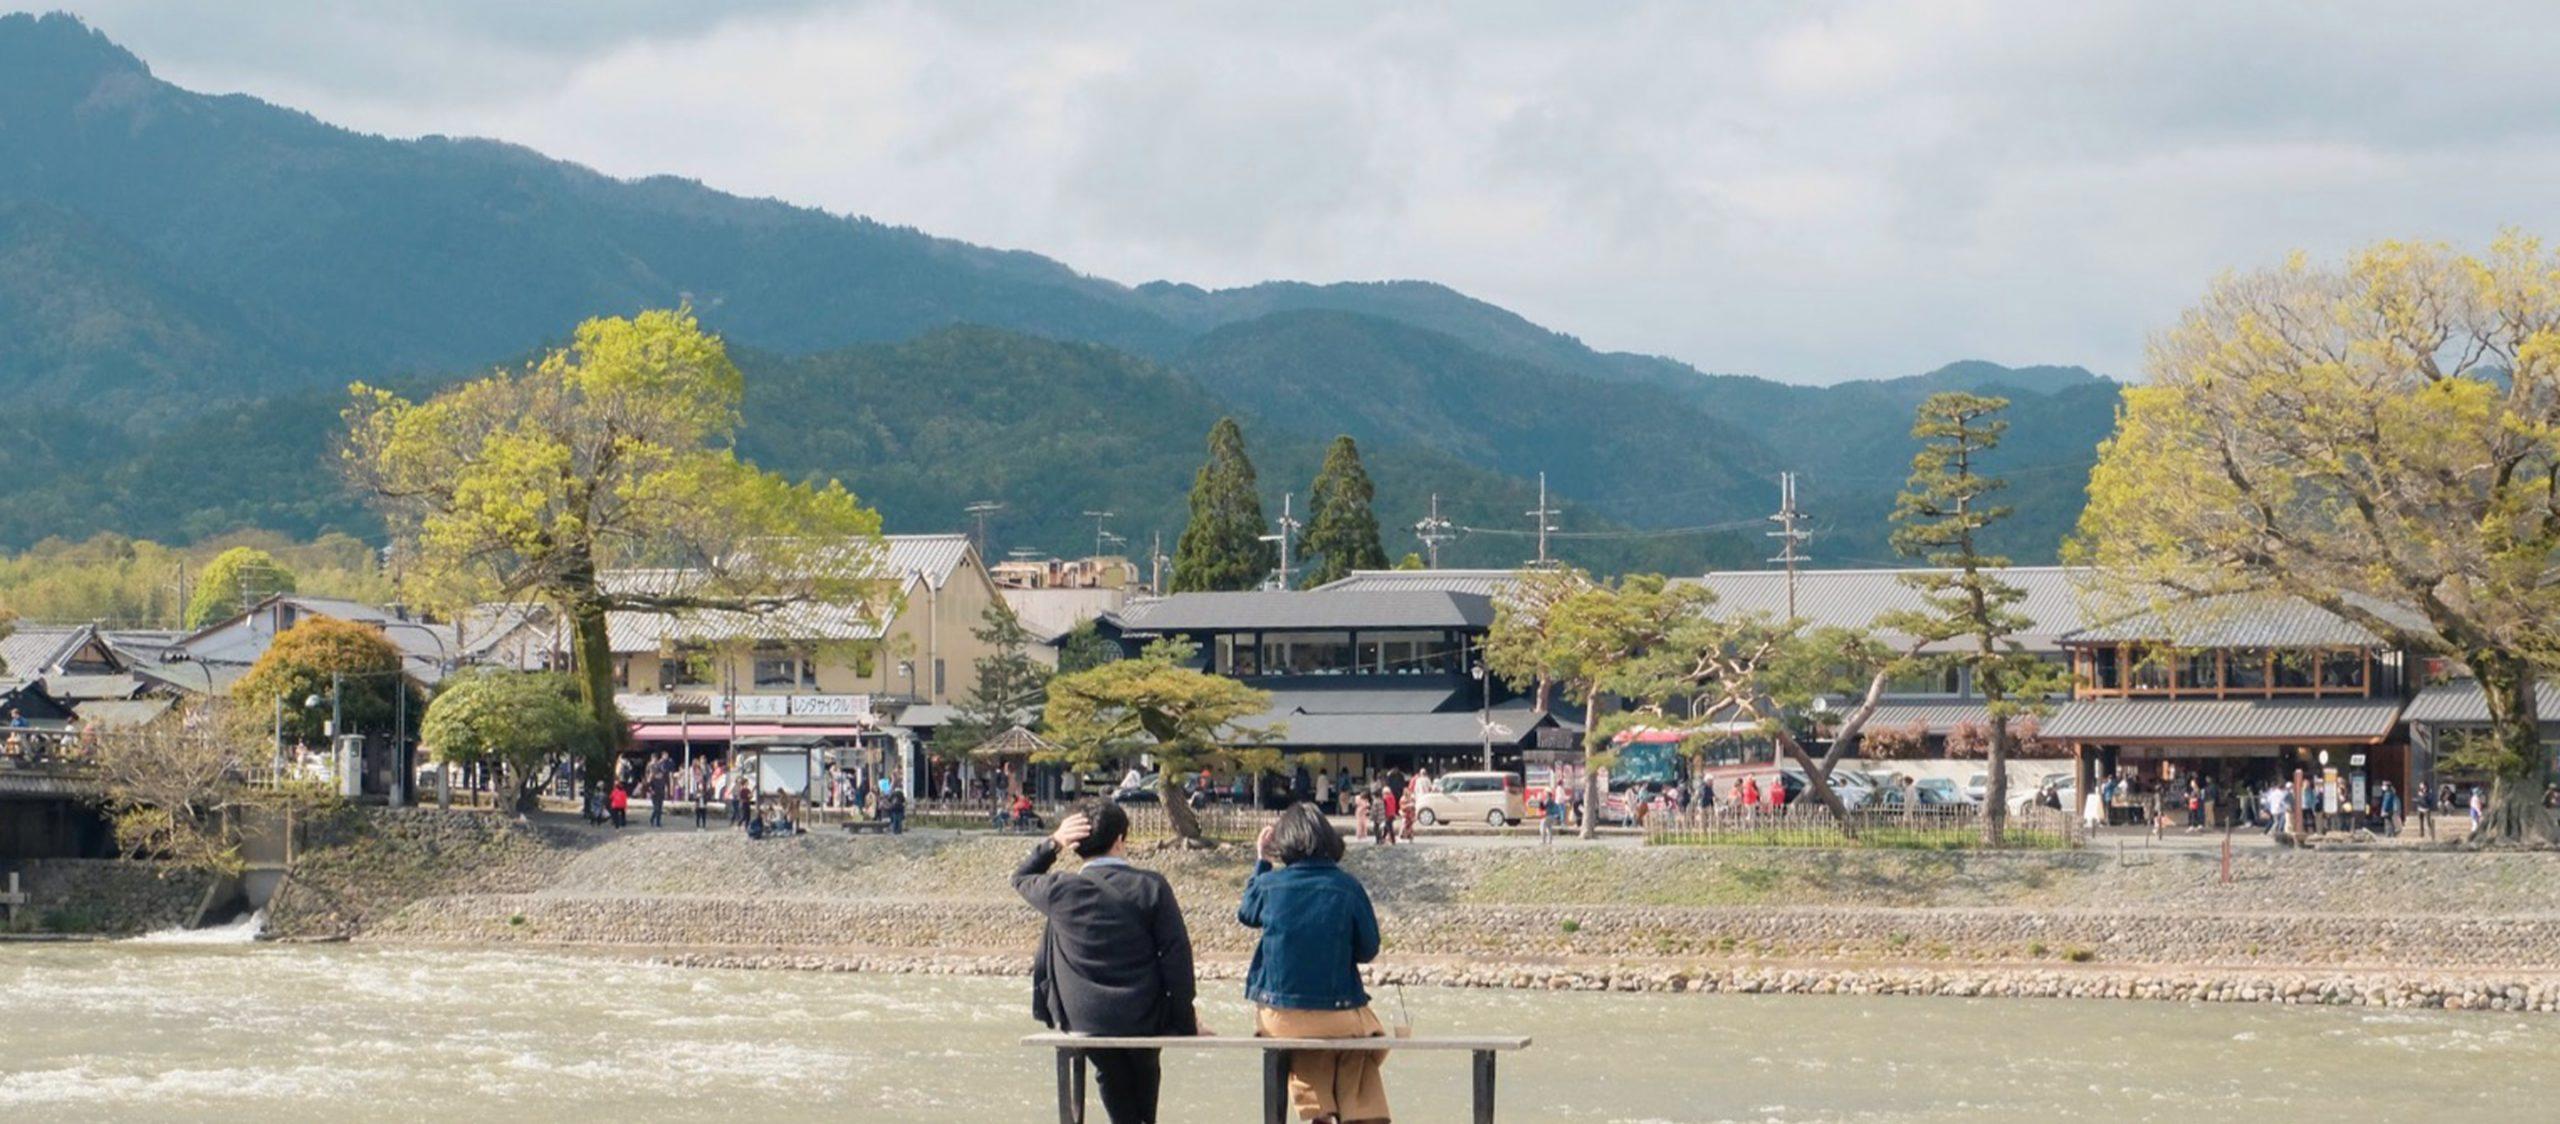 ทริป 8 วัน 5 เมือง ณ คันไซ สำหรับคนหลงทางง่าย จำทางไม่เก่ง และเน้นกินเป็นหลัก